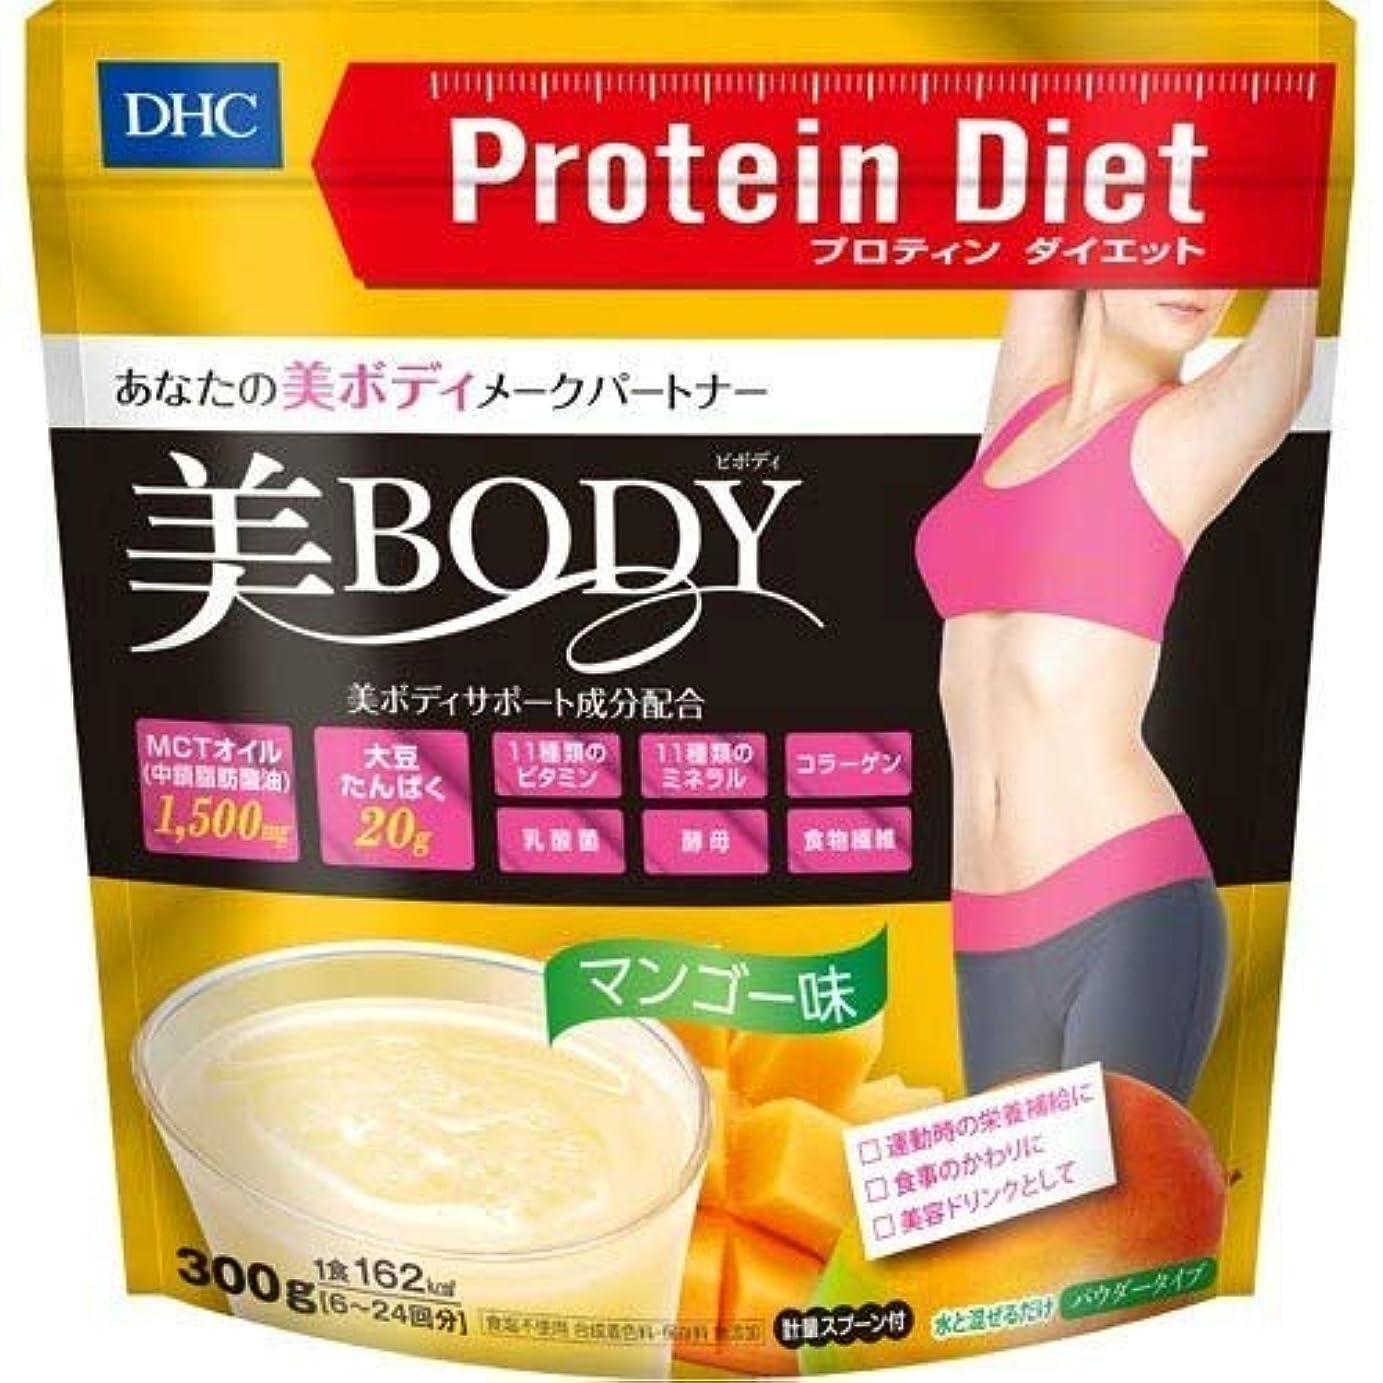 セマフォミリメートル解くDHC プロテインダイエット 美Body マンゴー味 300g × 48個セット